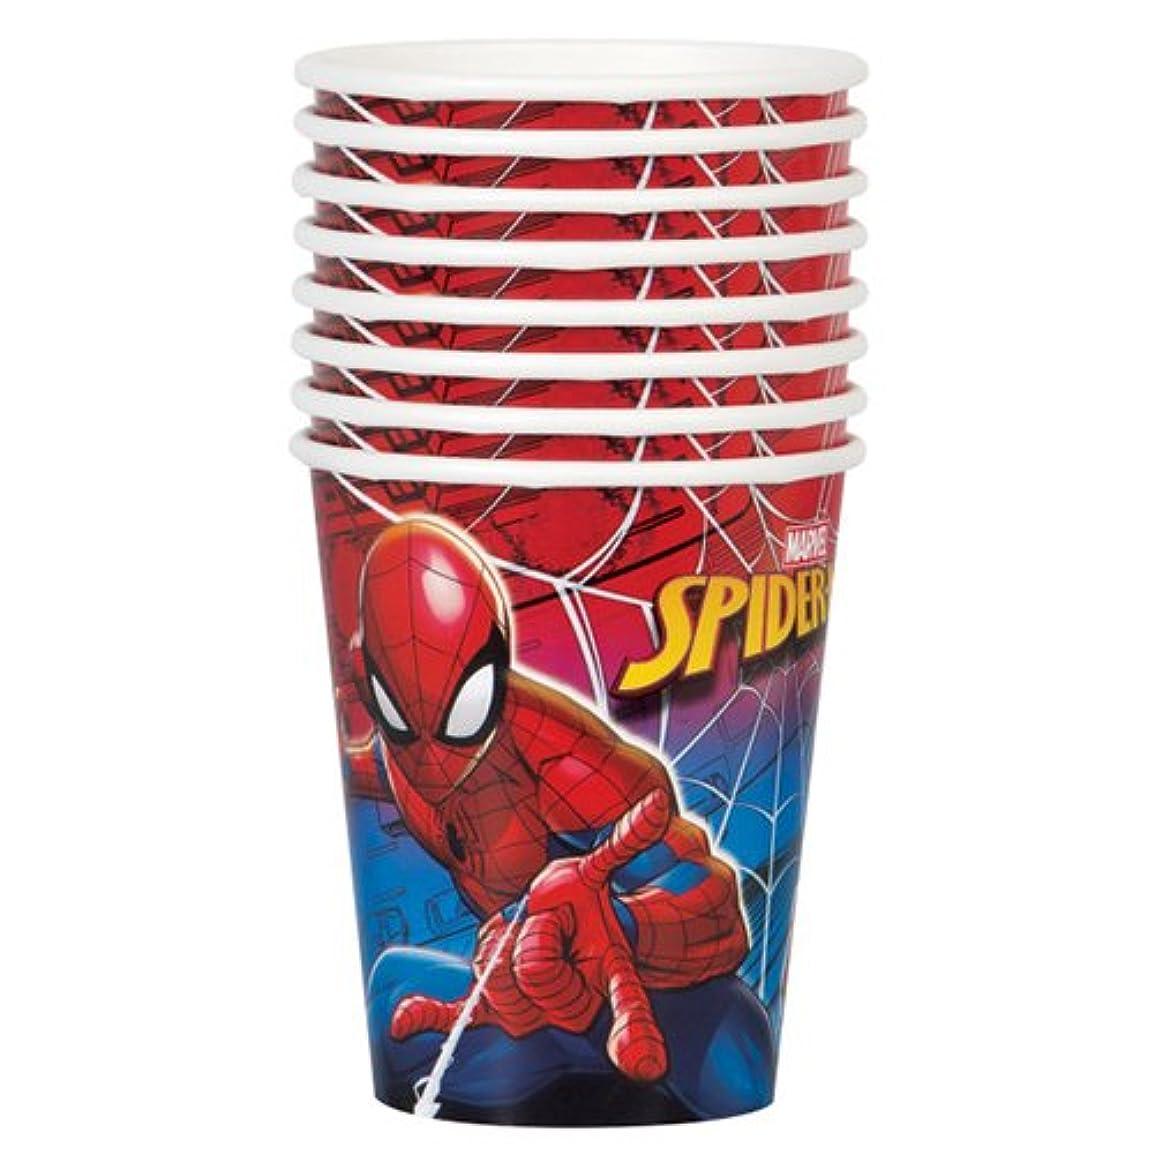 バルーンコンデンサースパンスパイダーマン パーティーペーパーカップ 8個入り 紙コップ ペーパーカップ パーティー SPIDER-MAN マーベルコミック MARVEL キャラクターグッズ AVENGERS 13268【即日?翌日発送】